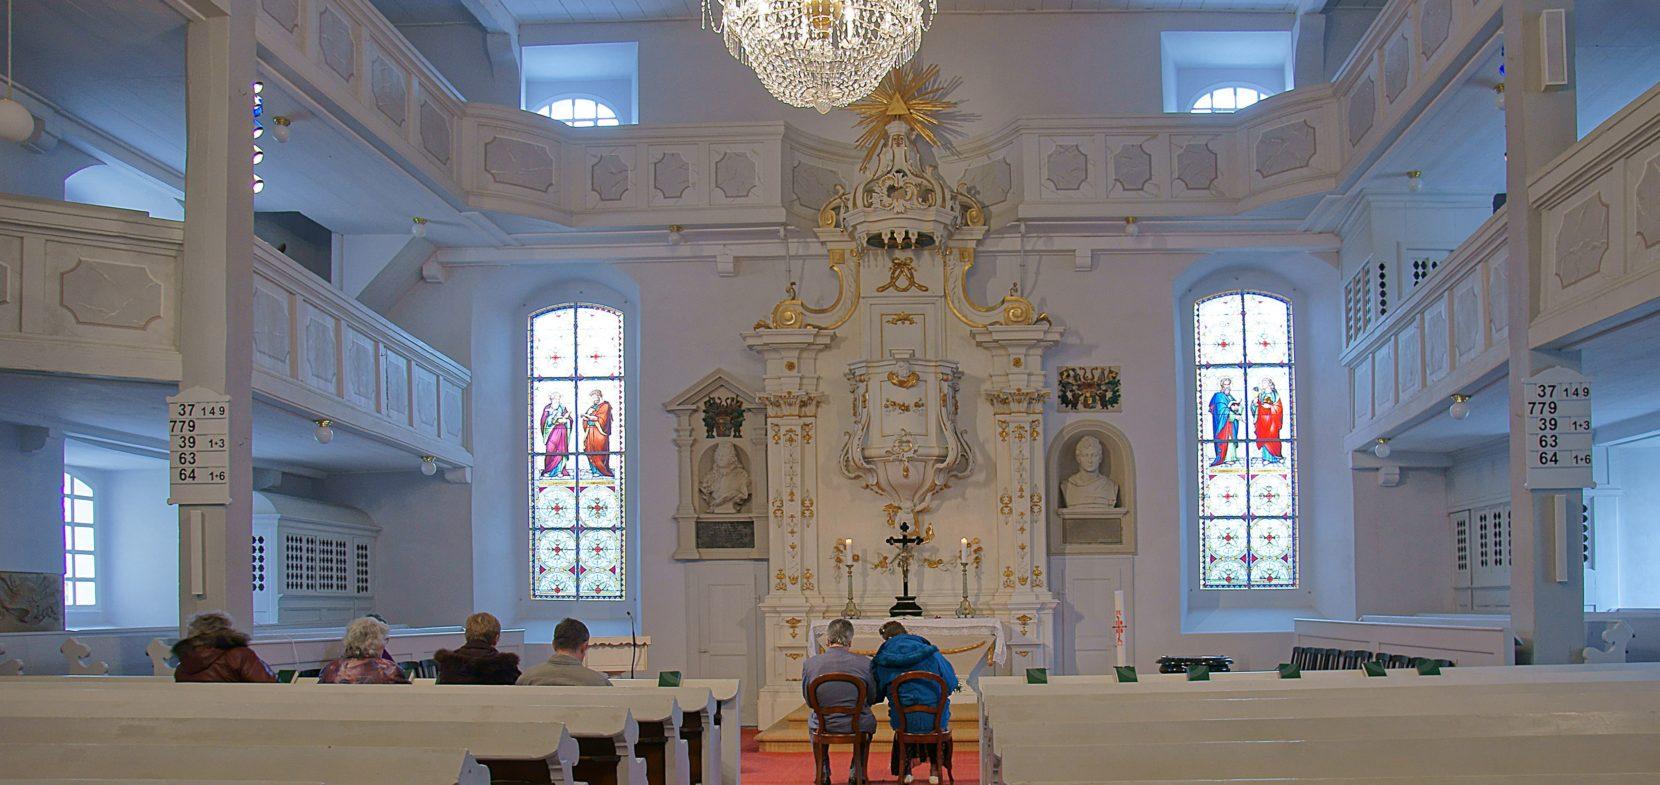 Ev.-luth. Kirchgemeinde Neukirch / Lausitz (Schwesterkirchverhältnis Neukirch/L. mit SK Steinigtwolmsdorf, Sohland, Wehrsdorf)